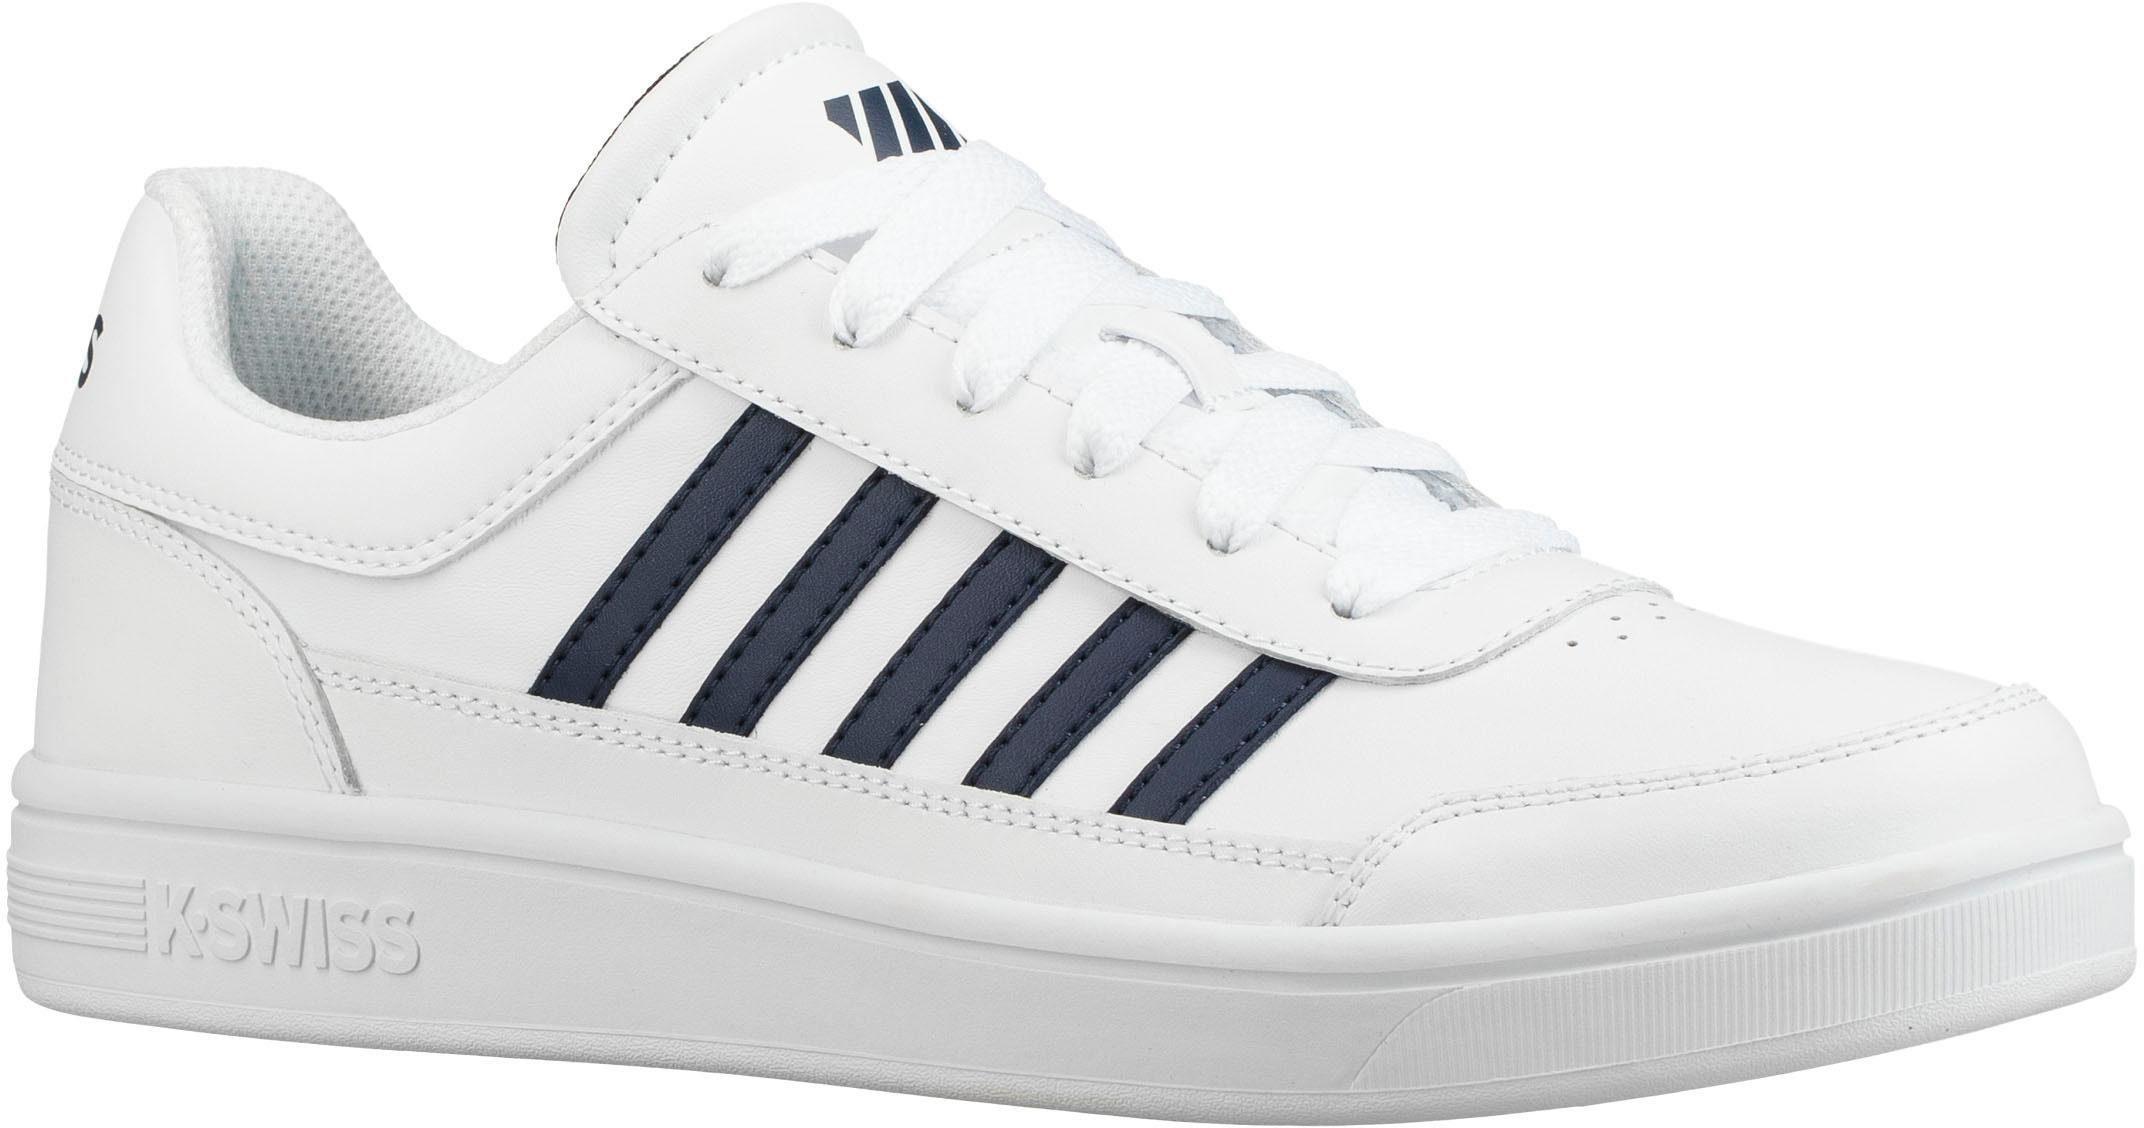 K Swiss »Court Chasseur M« Sneaker, Klassischer Sneaker von K Swiss online kaufen | OTTO